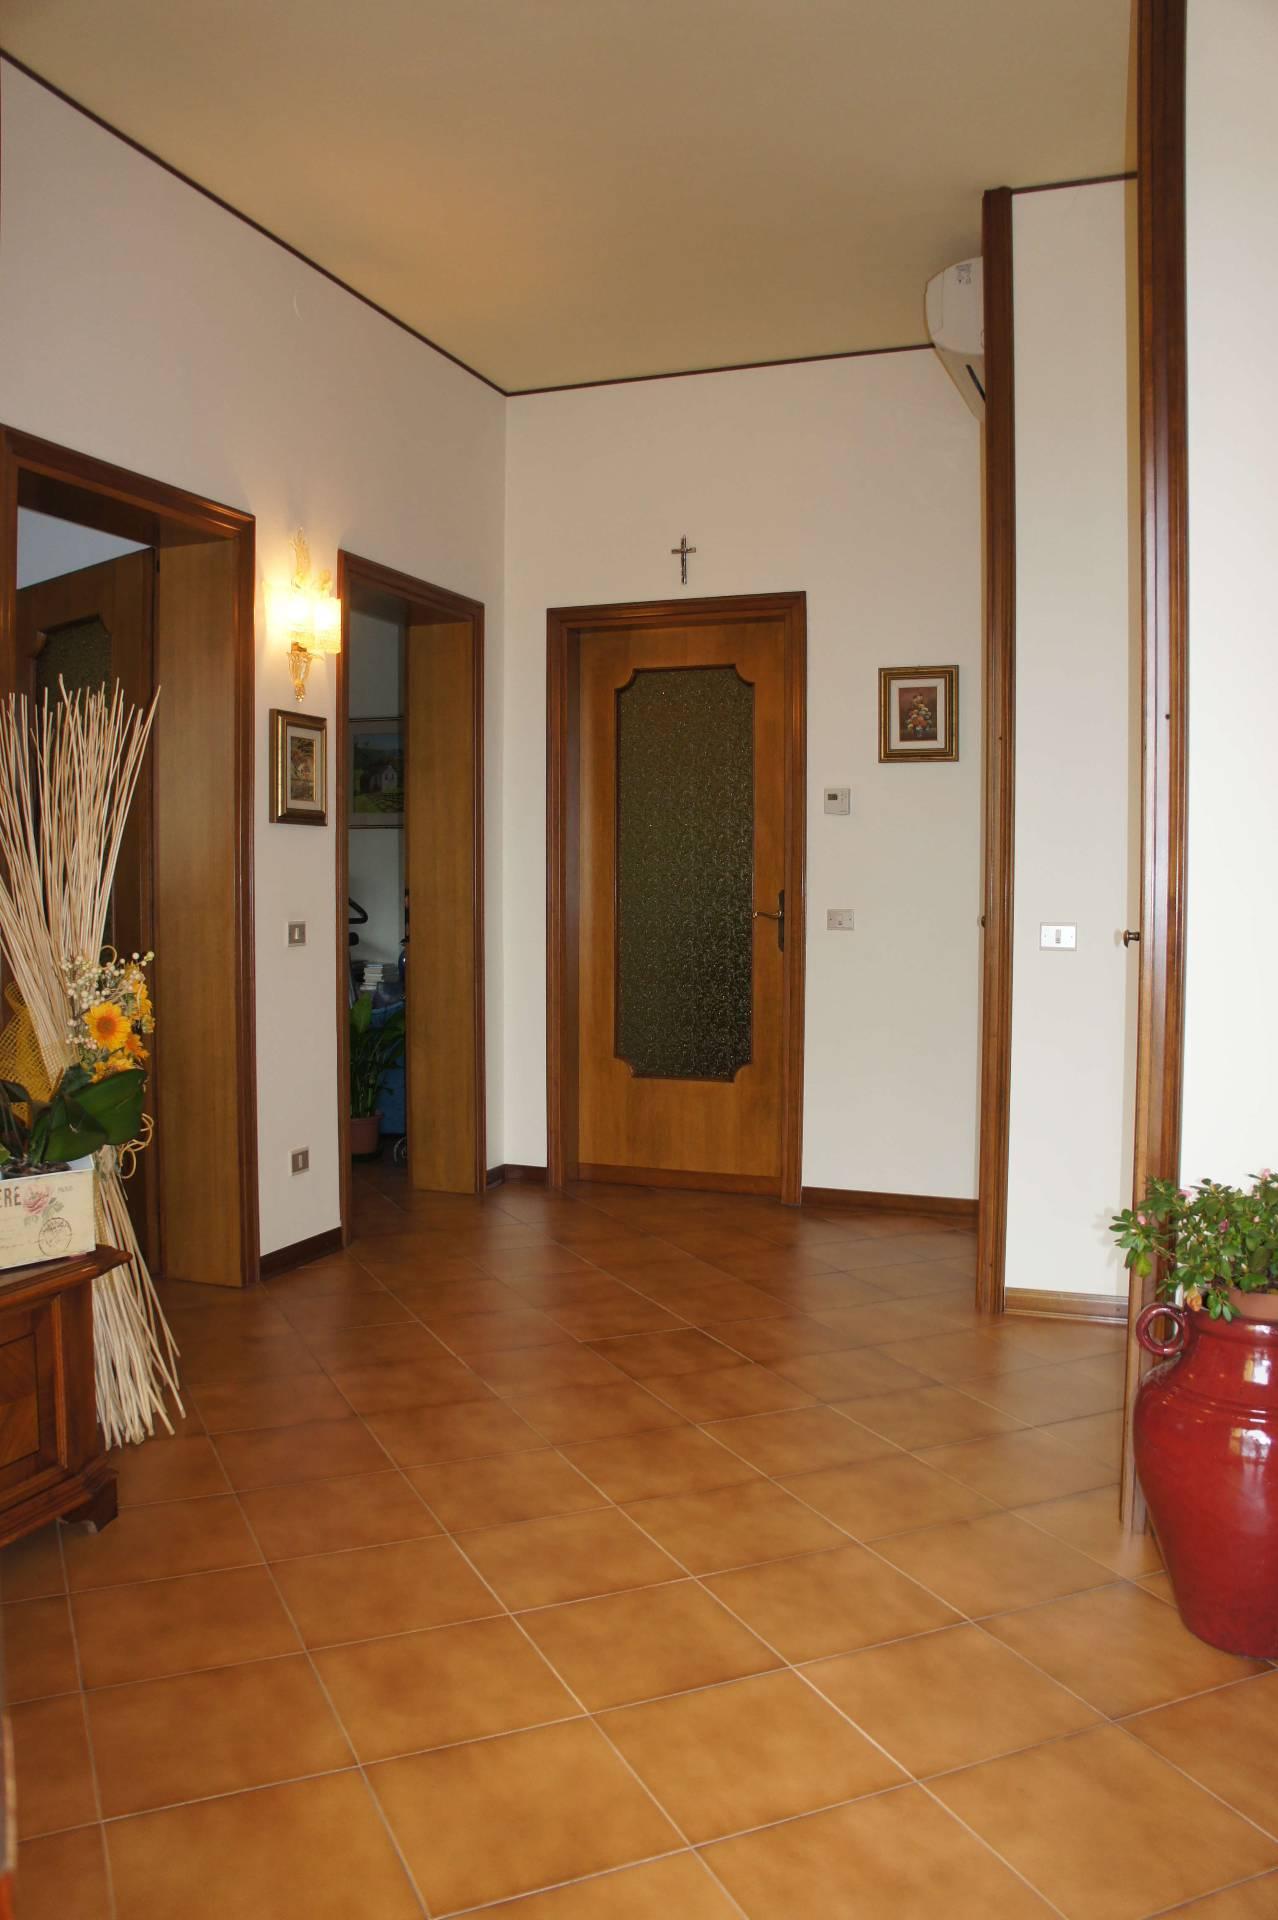 Villa in vendita a Fossalta di Piave, 12 locali, zona Località: Centro, prezzo € 250.000 | Cambio Casa.it